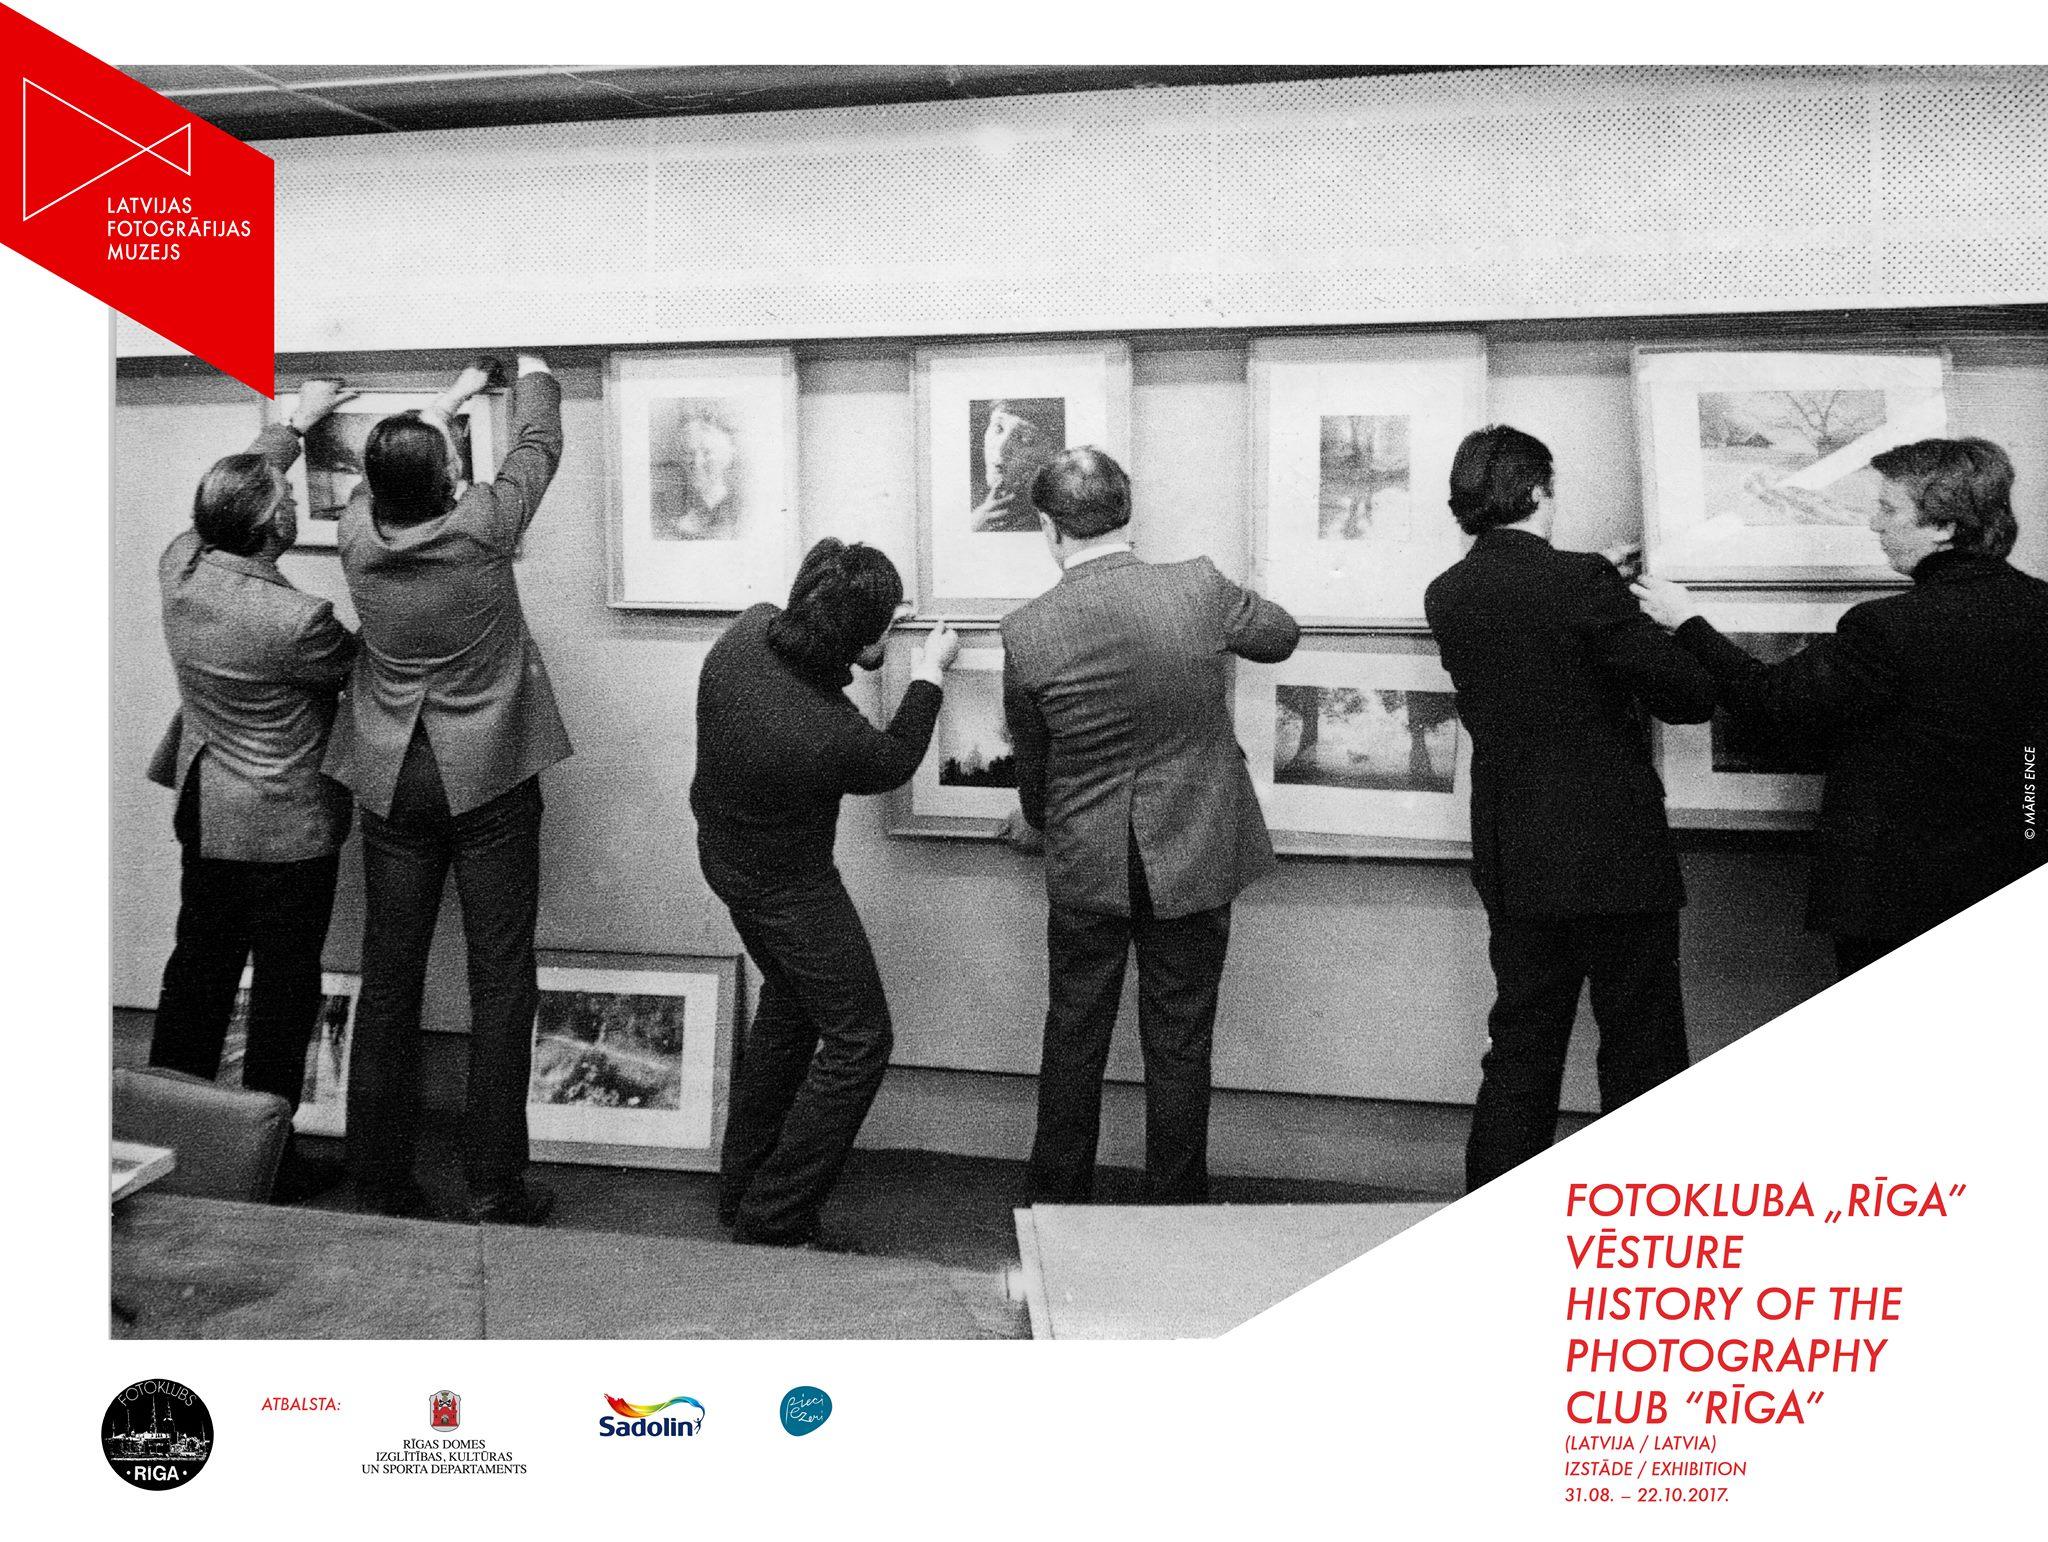 exhibition flyer 21200811_1489429274425485_5438142564919477254_o.jpg